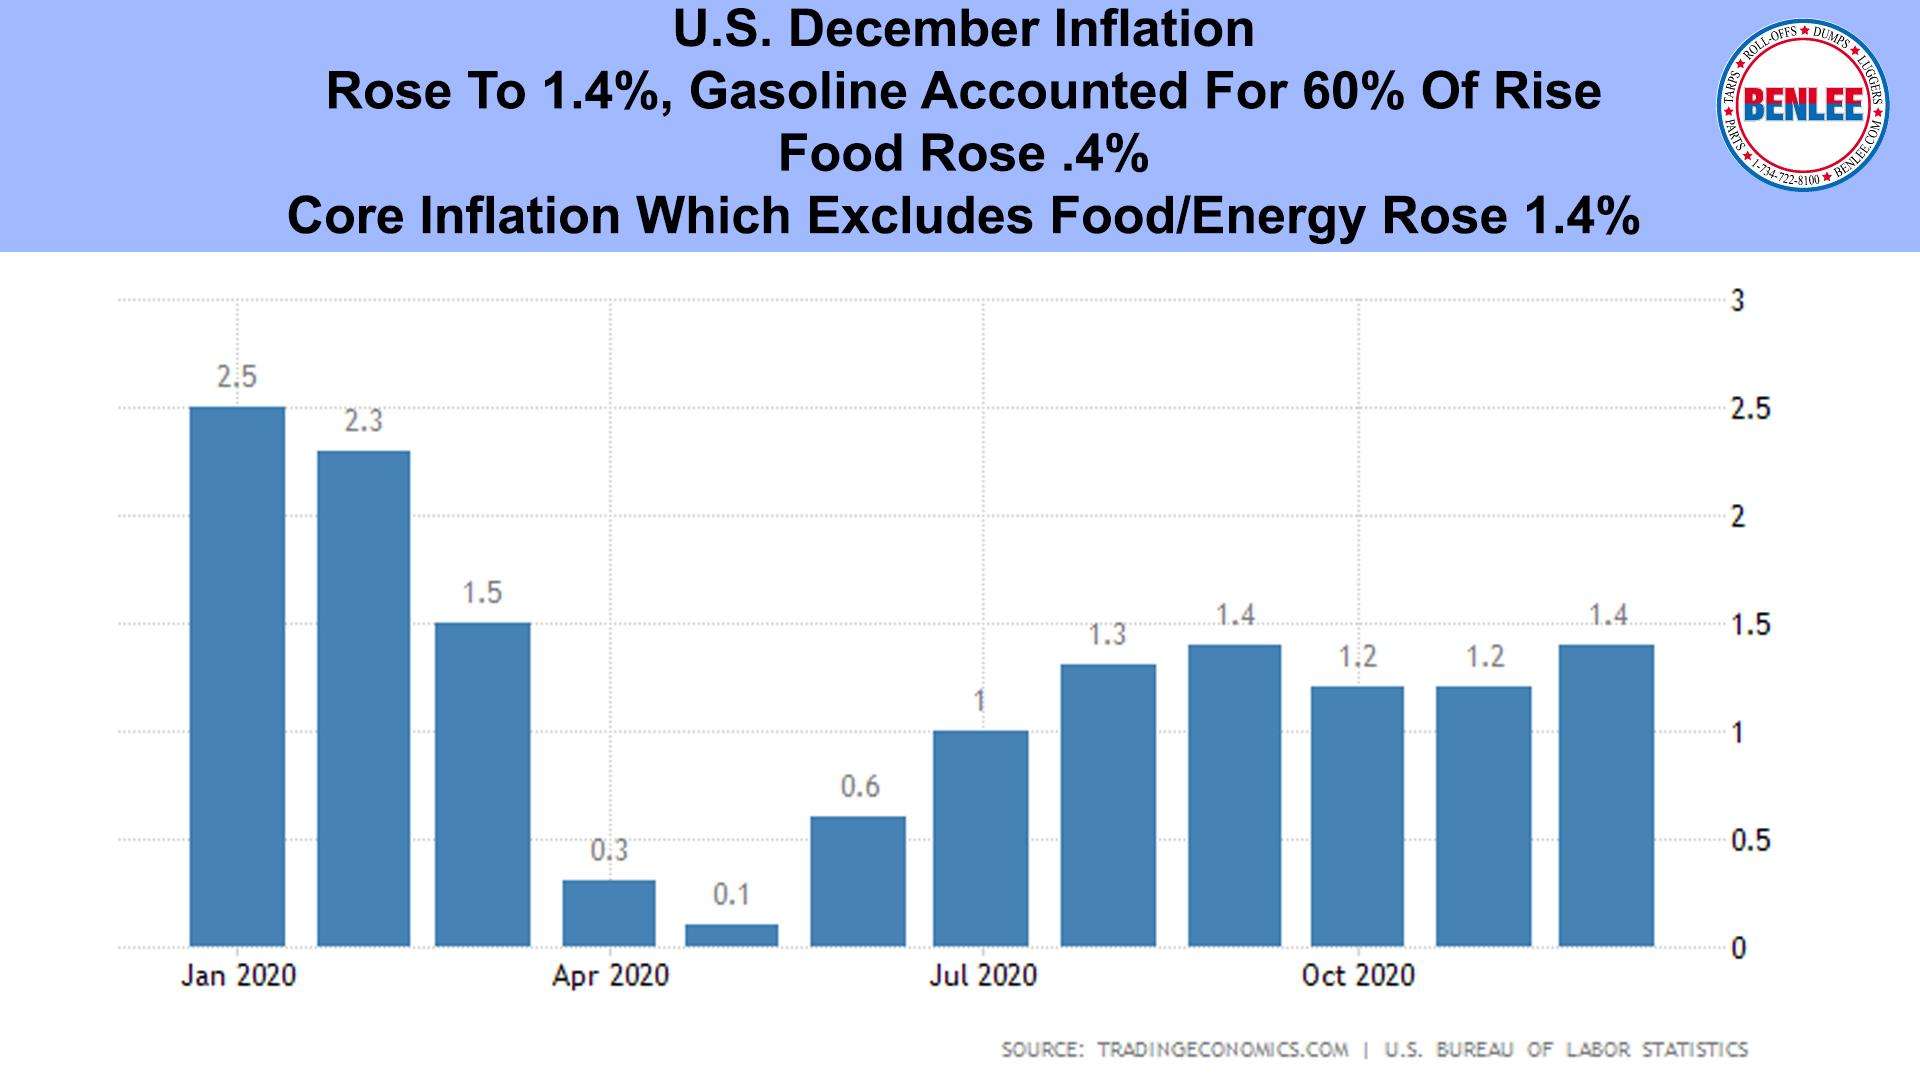 U.S. December Inflation